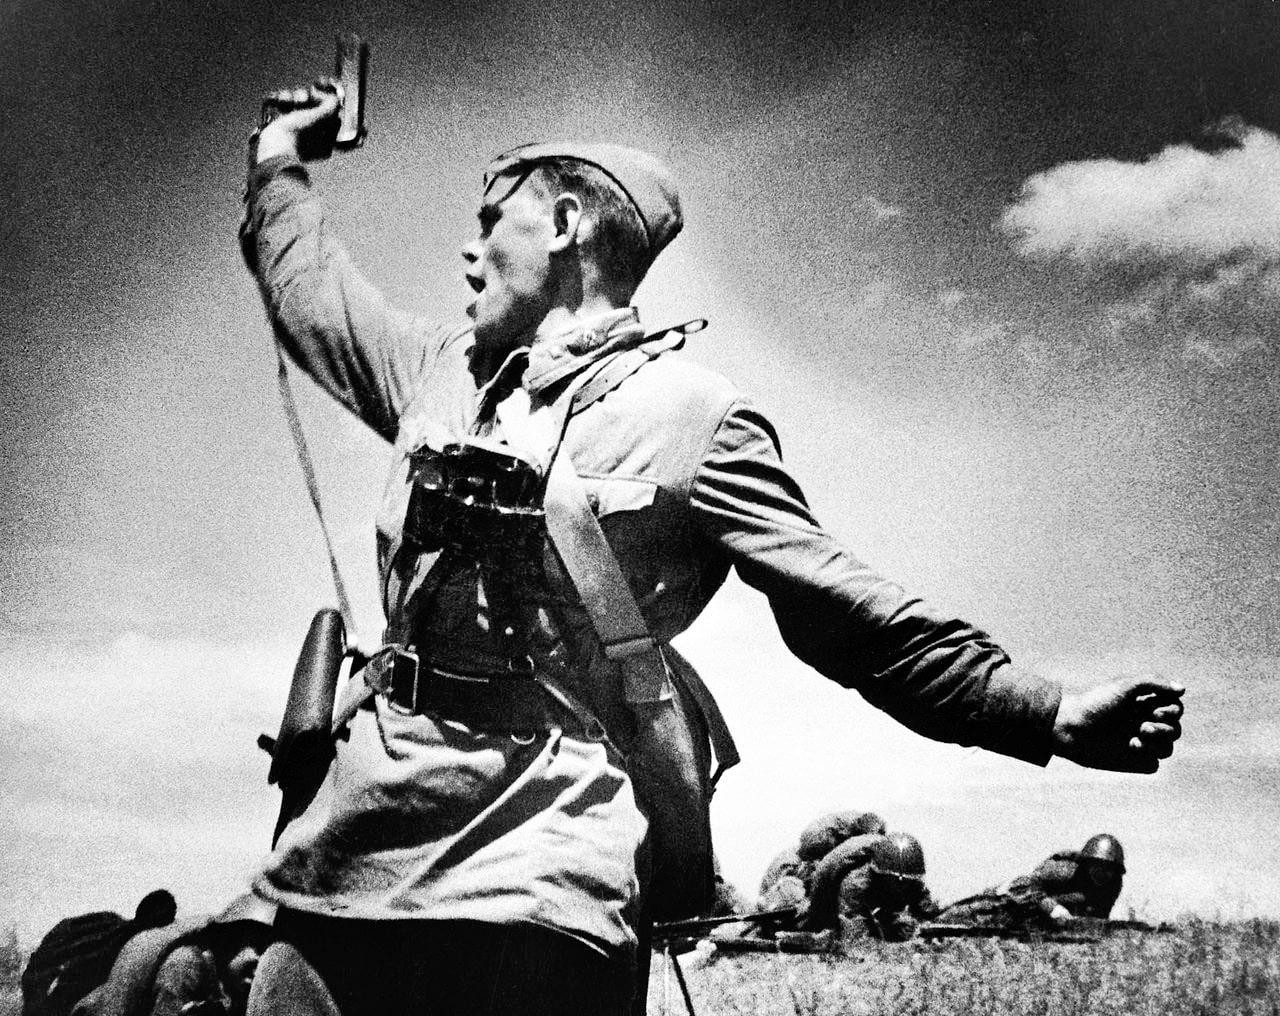 Kombat-vedyot-v-ataku-svoih-soldat